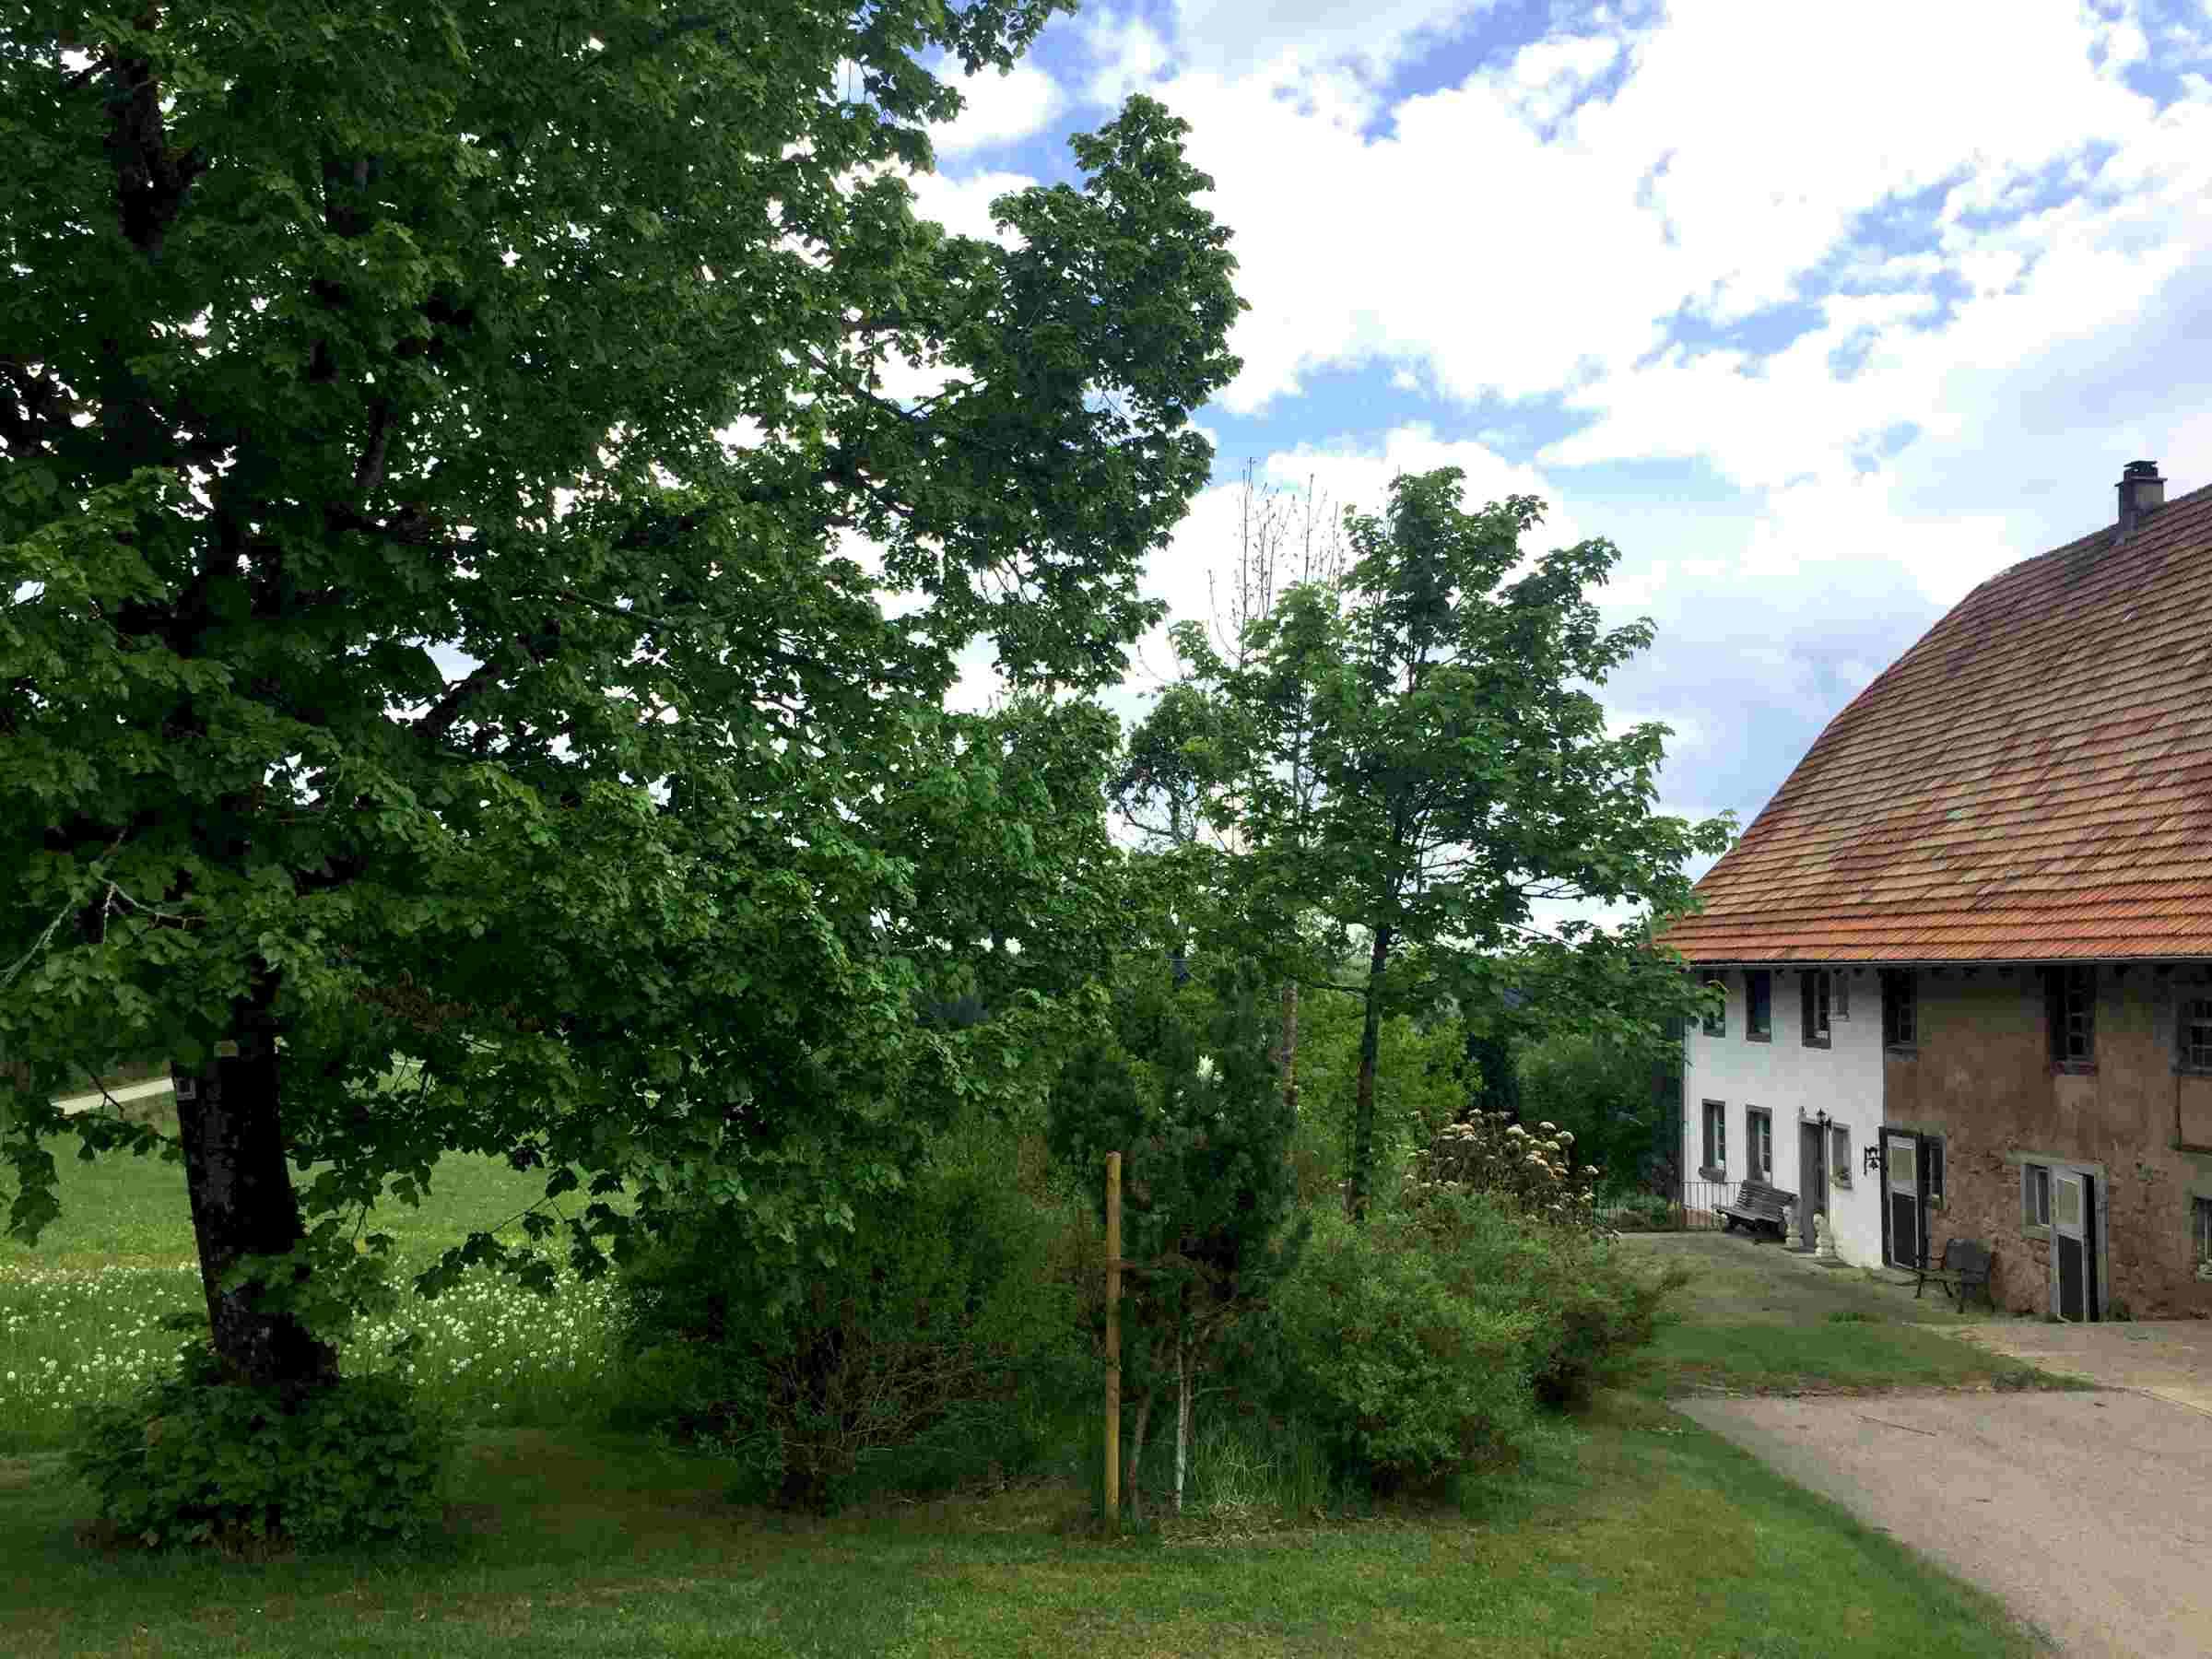 Ferienwohnung Storzenhof, (Unterkirnach). Ferienwohnung, 140qm, 3 Schlafzimmer, max. 8 Personen (2790199), Unterkirnach, Schwarzwald, Baden-Württemberg, Deutschland, Bild 29